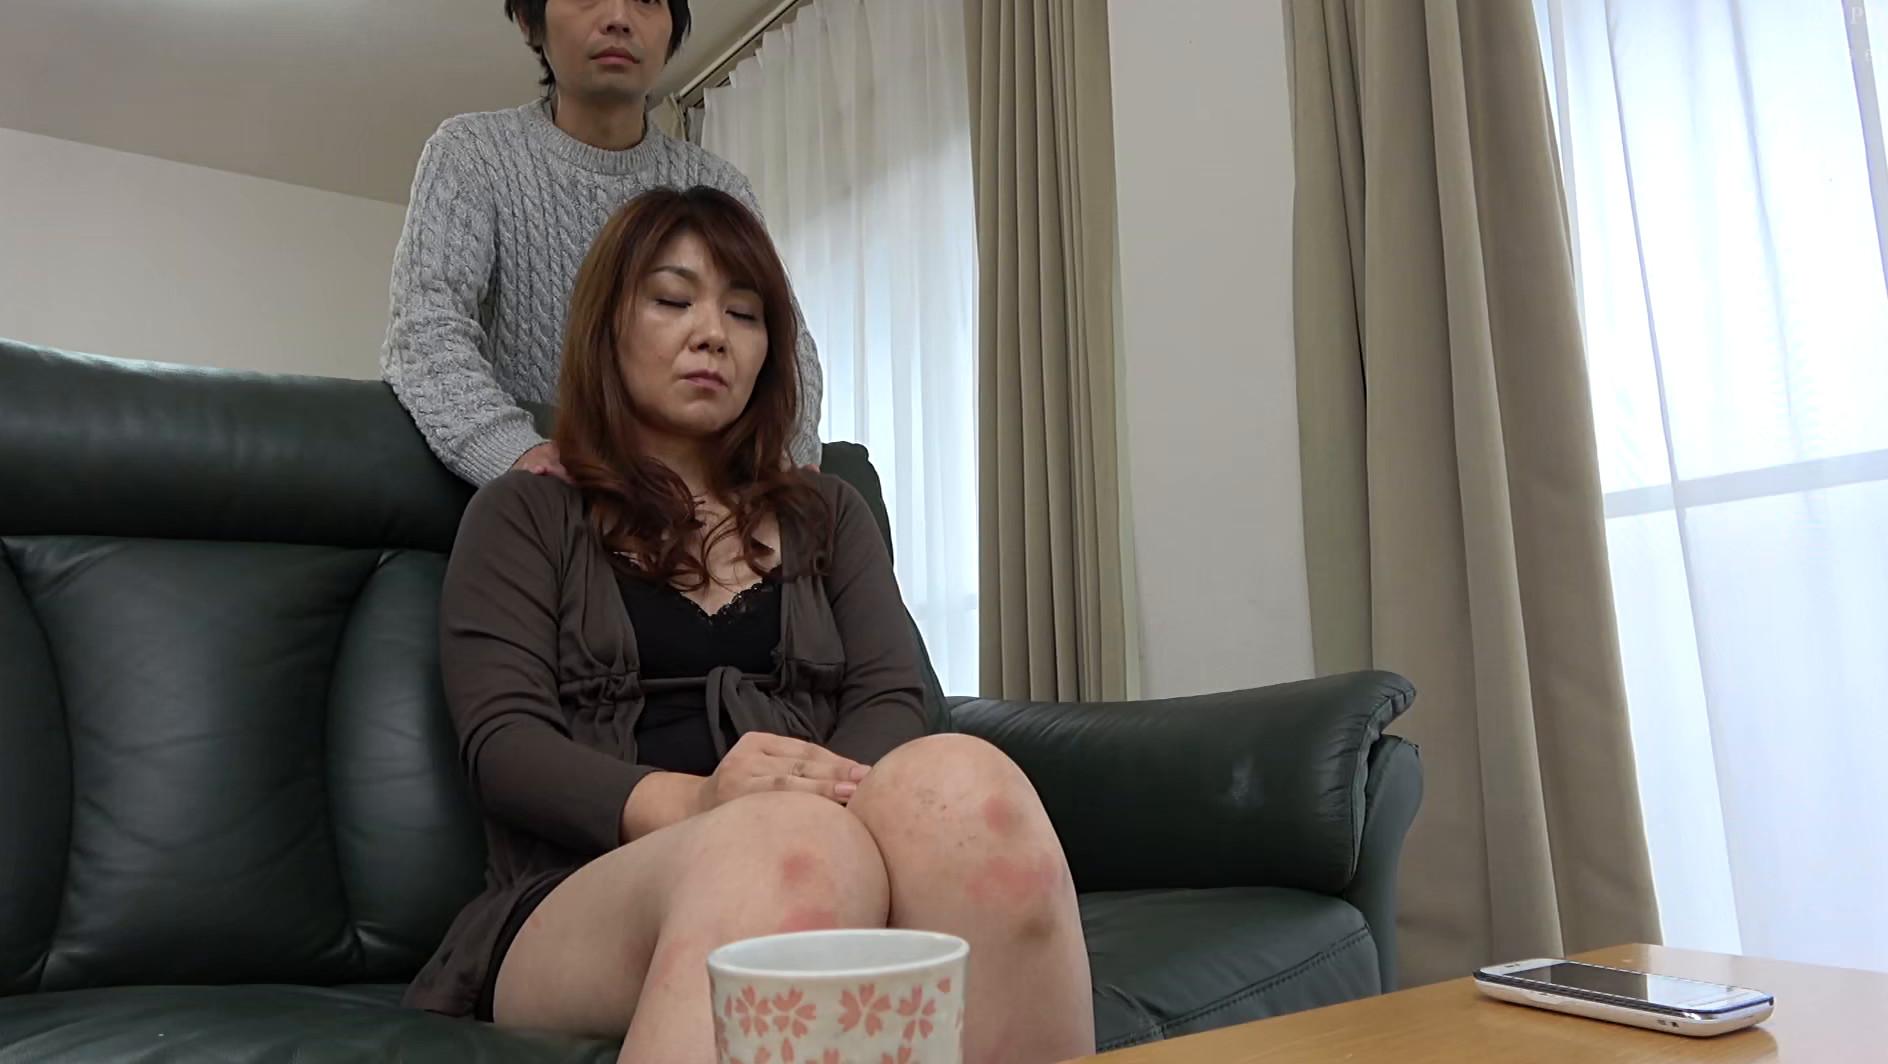 体型は普通な割りにデカ尻の母に会いに行ったら、Tバックを履いていてビックリした・・・ハプニング近親姦 180分 画像5